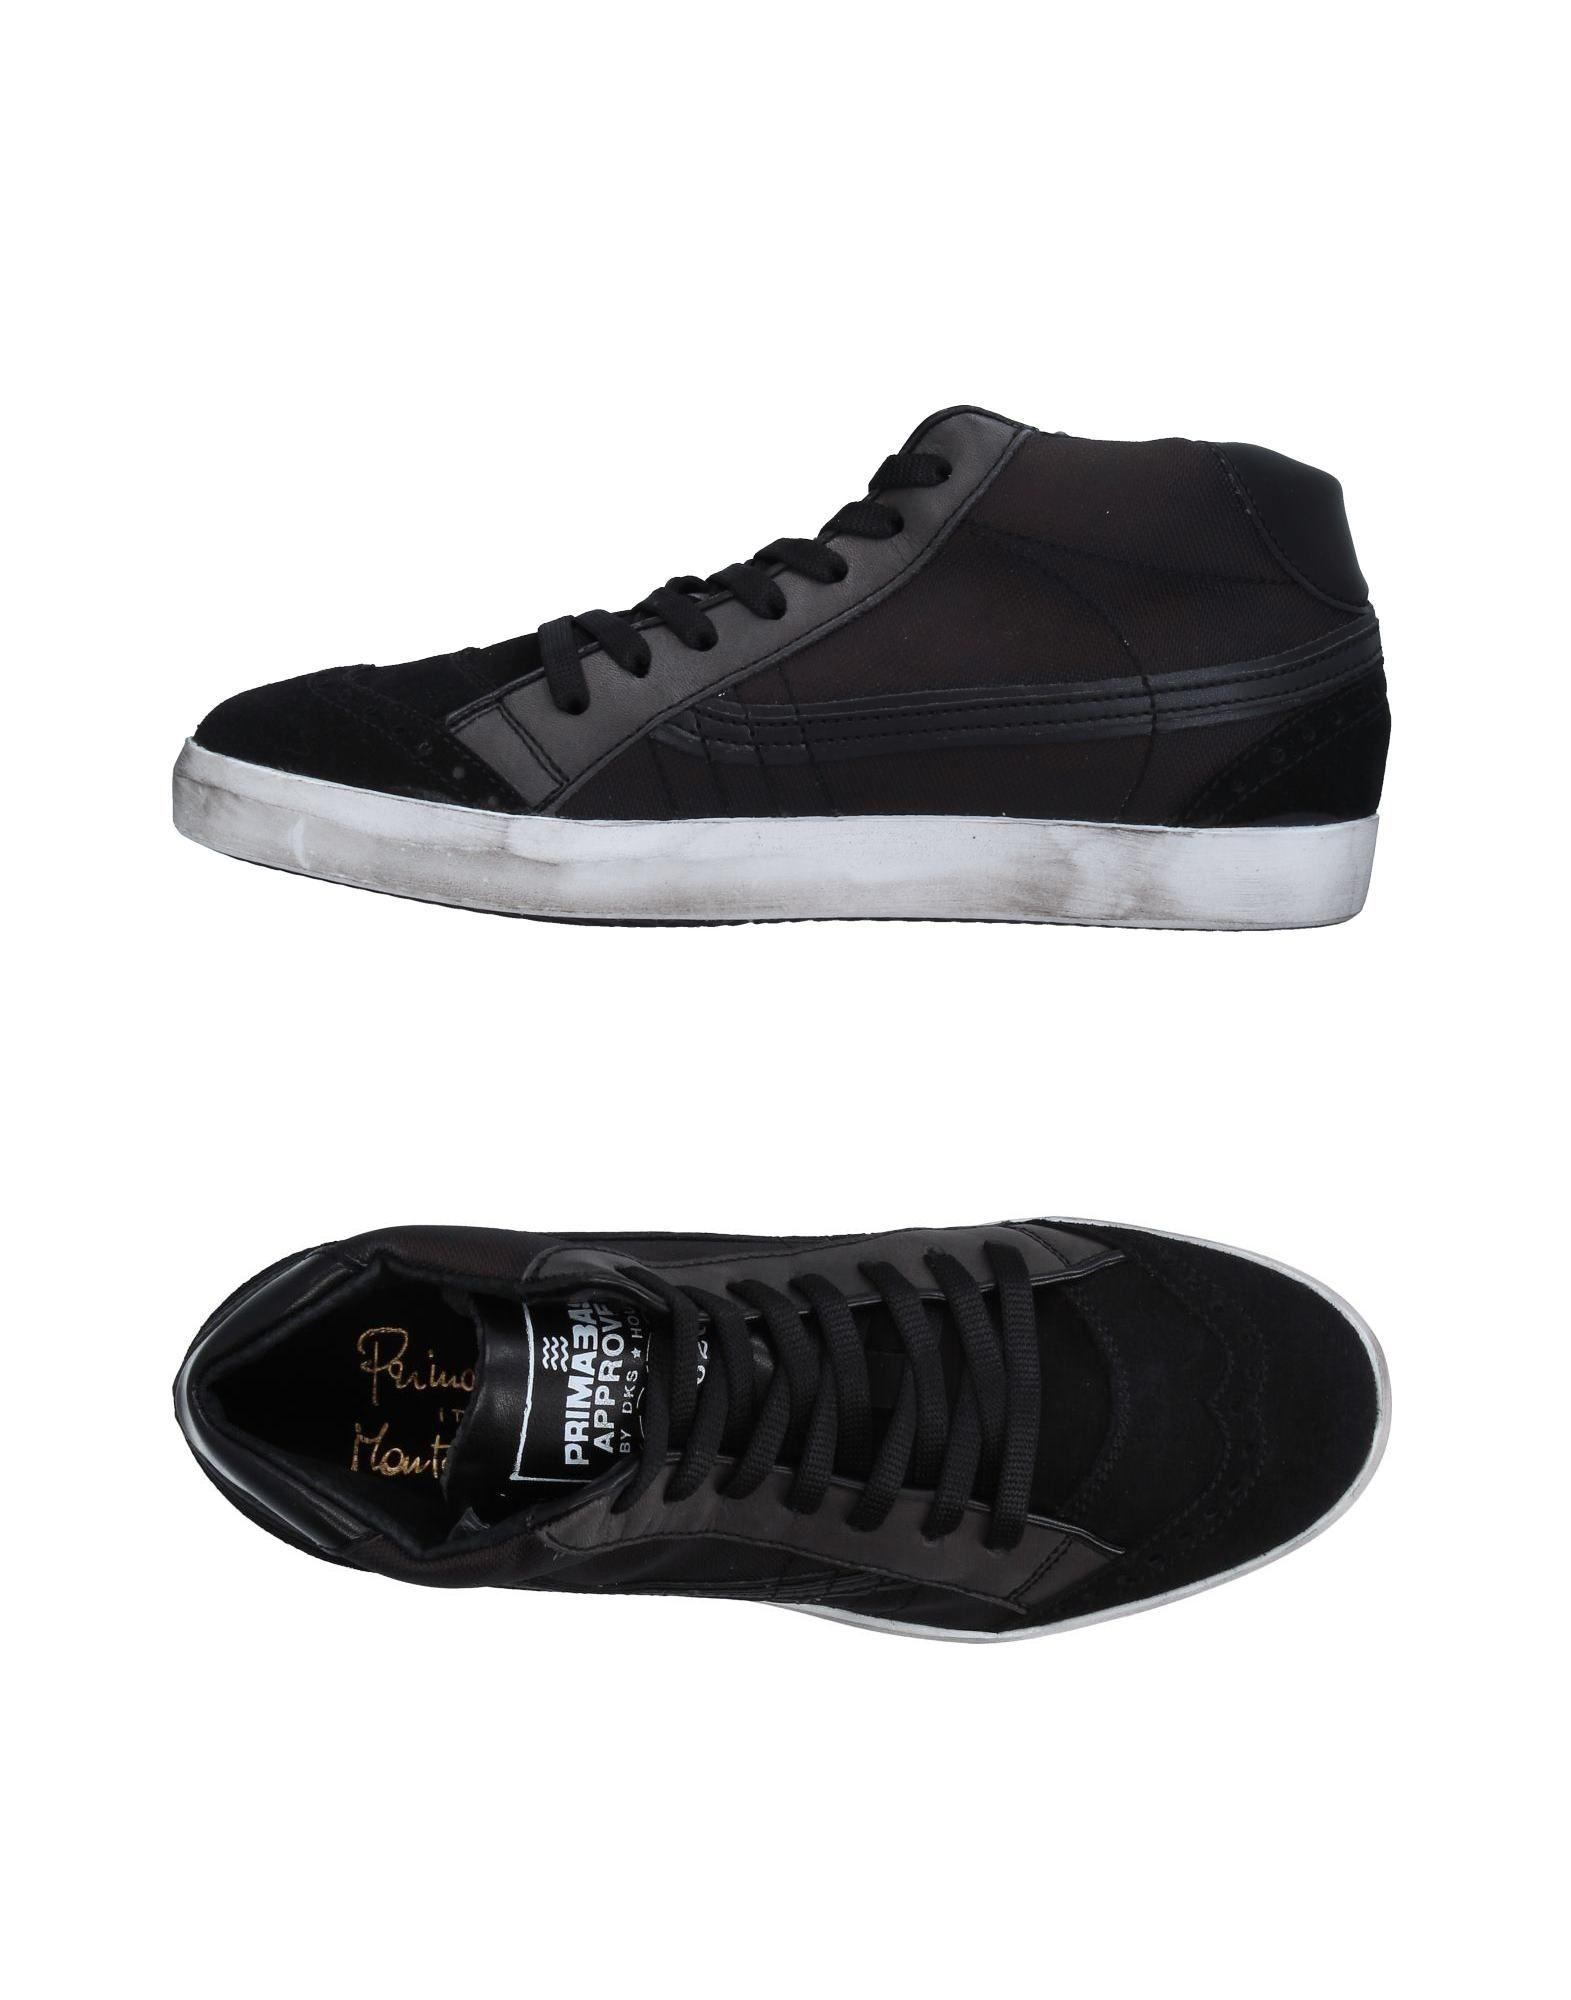 Primabase Sneakers Herren Schuhe  11269222JI Heiße Schuhe Herren ef899a